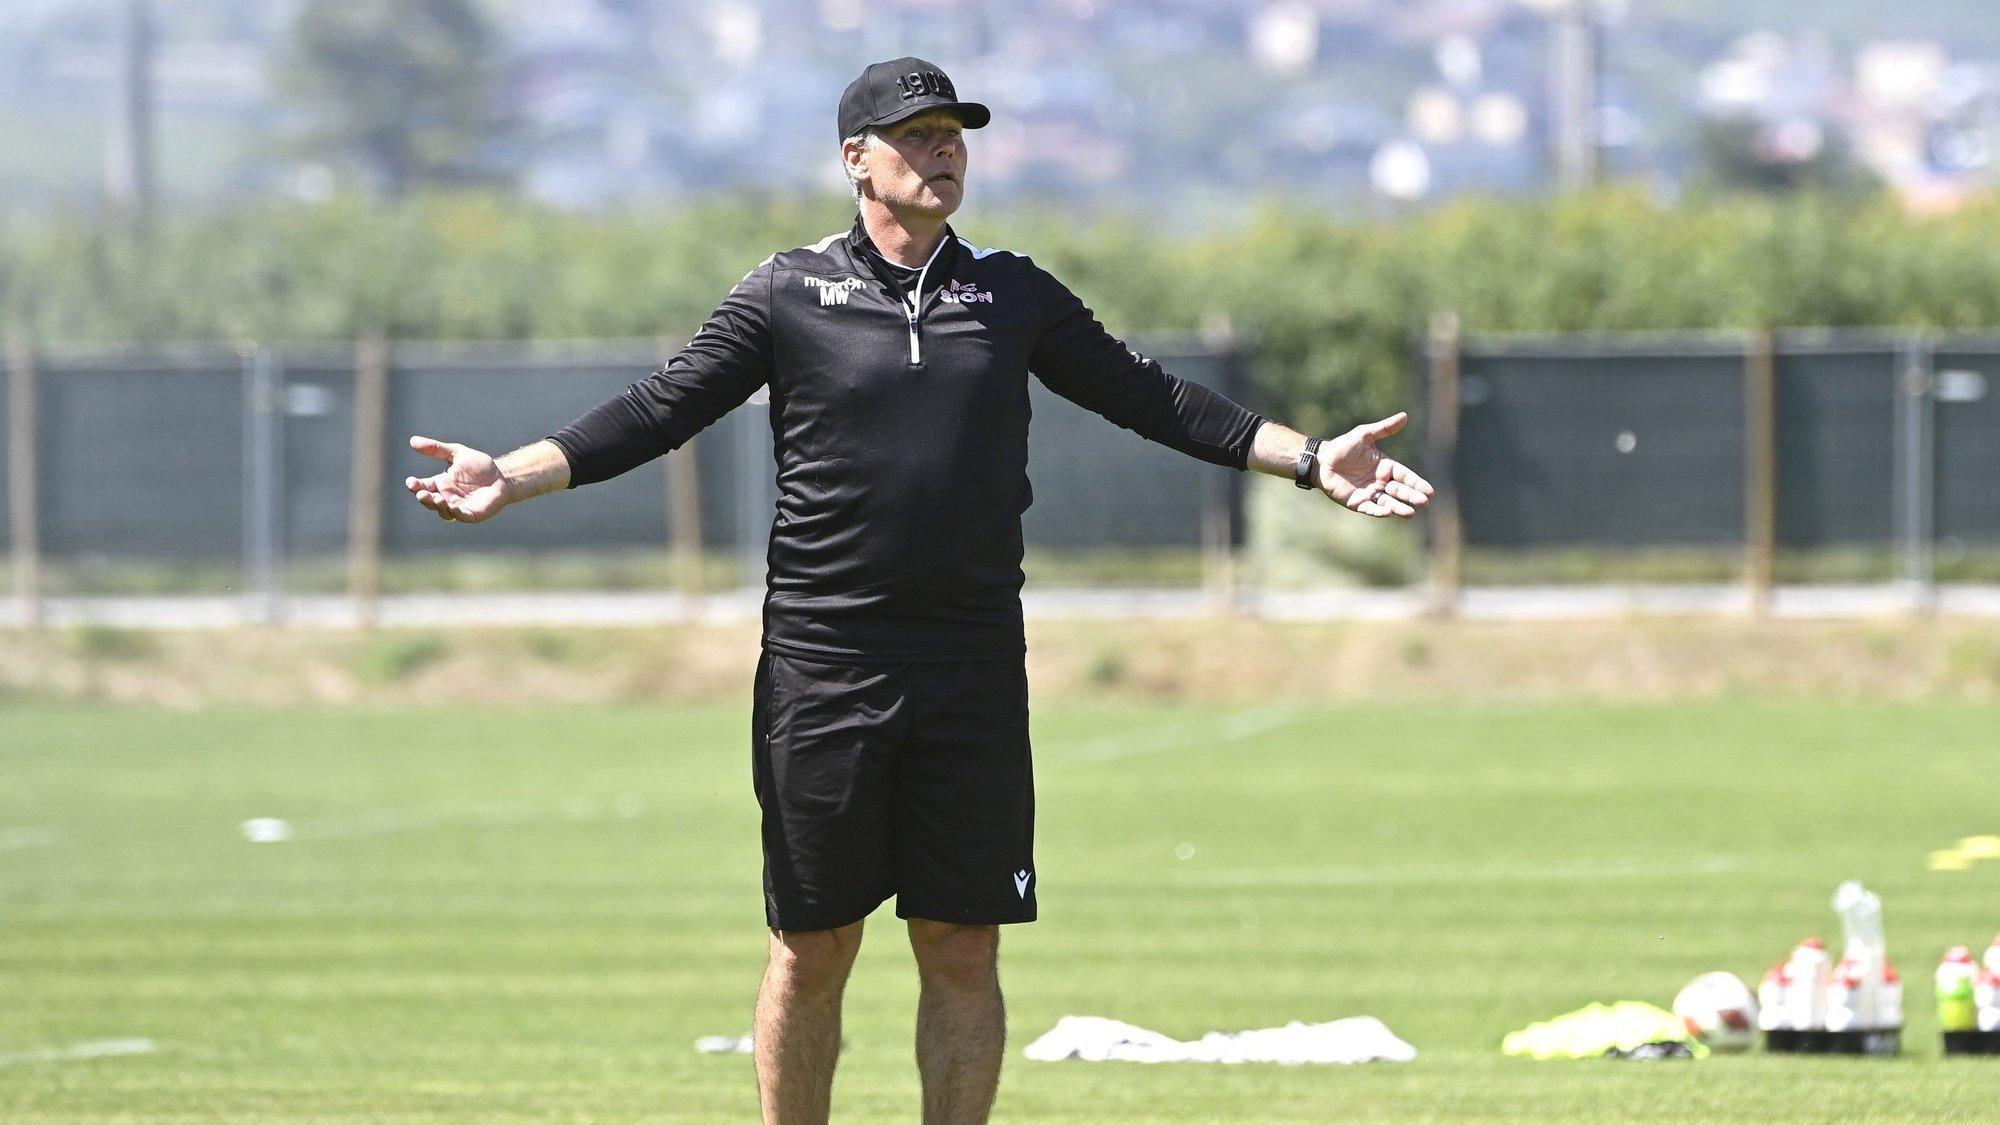 «C'est quoi ce que vous faites?» interpelle Marco Walker lors d'un entraînement du FC Sion au centre de Riddes.